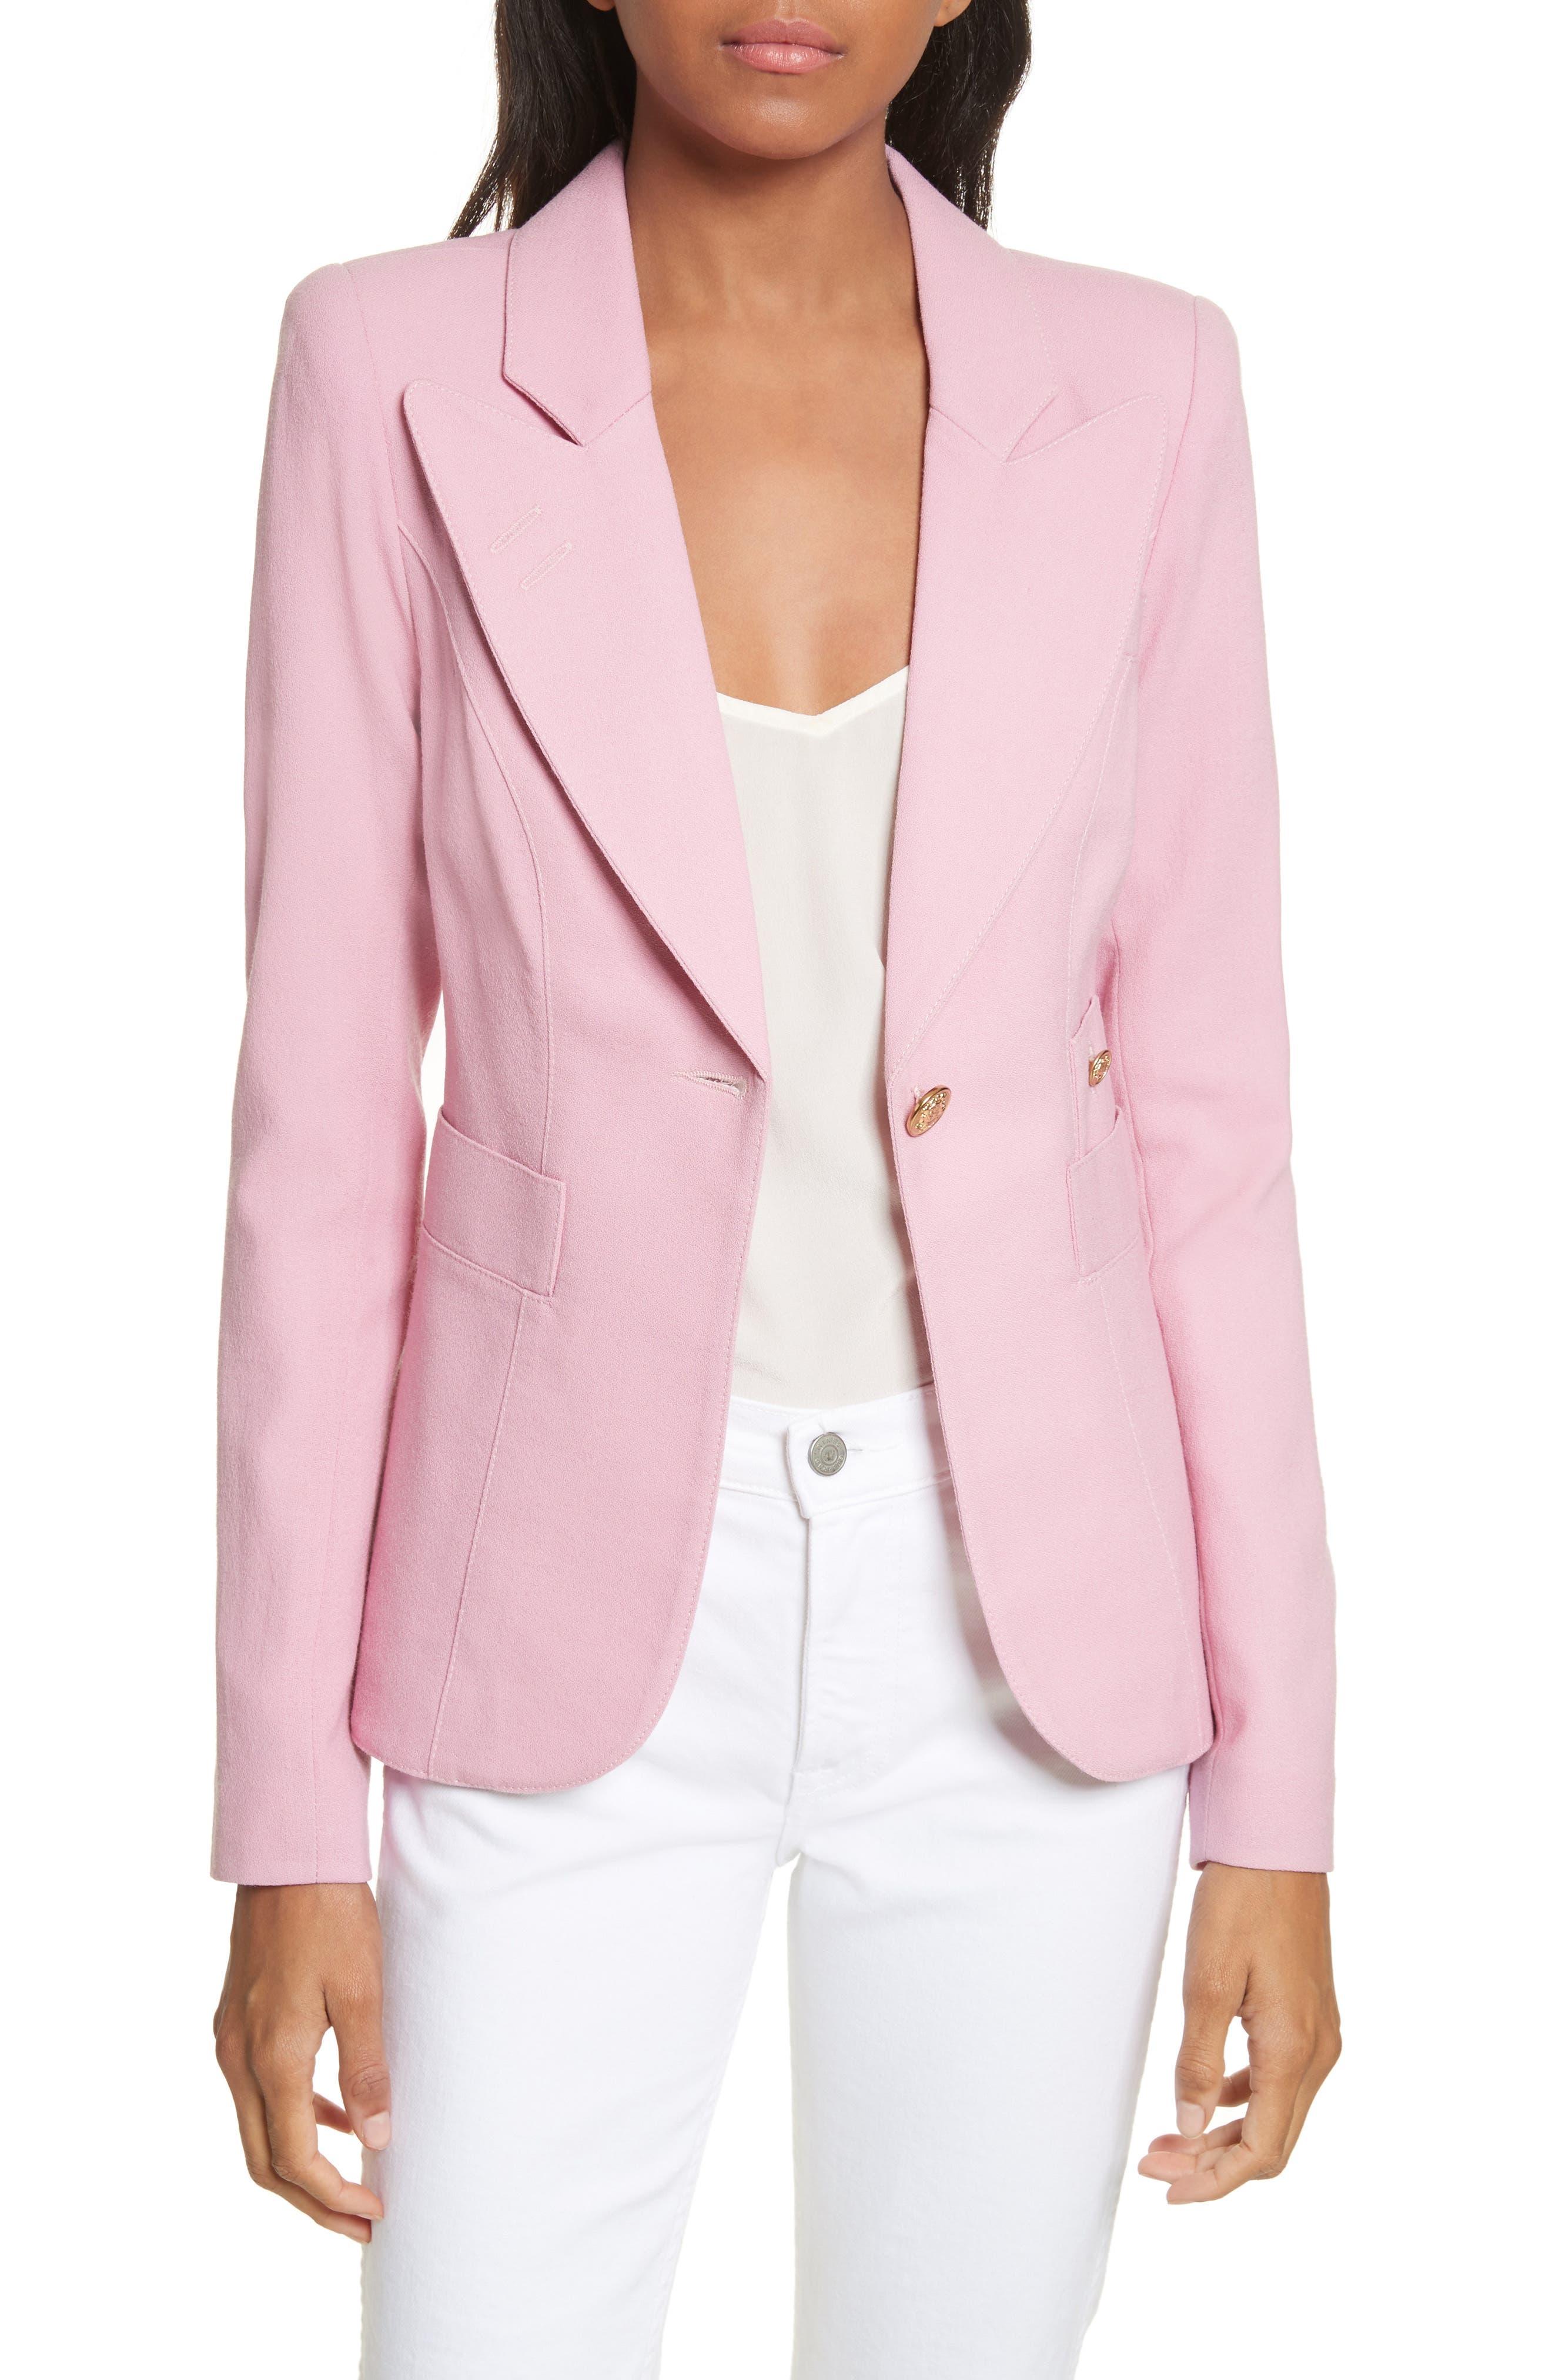 Alternate Image 1 Selected - Smythe 'Duchess' Single Button Blazer